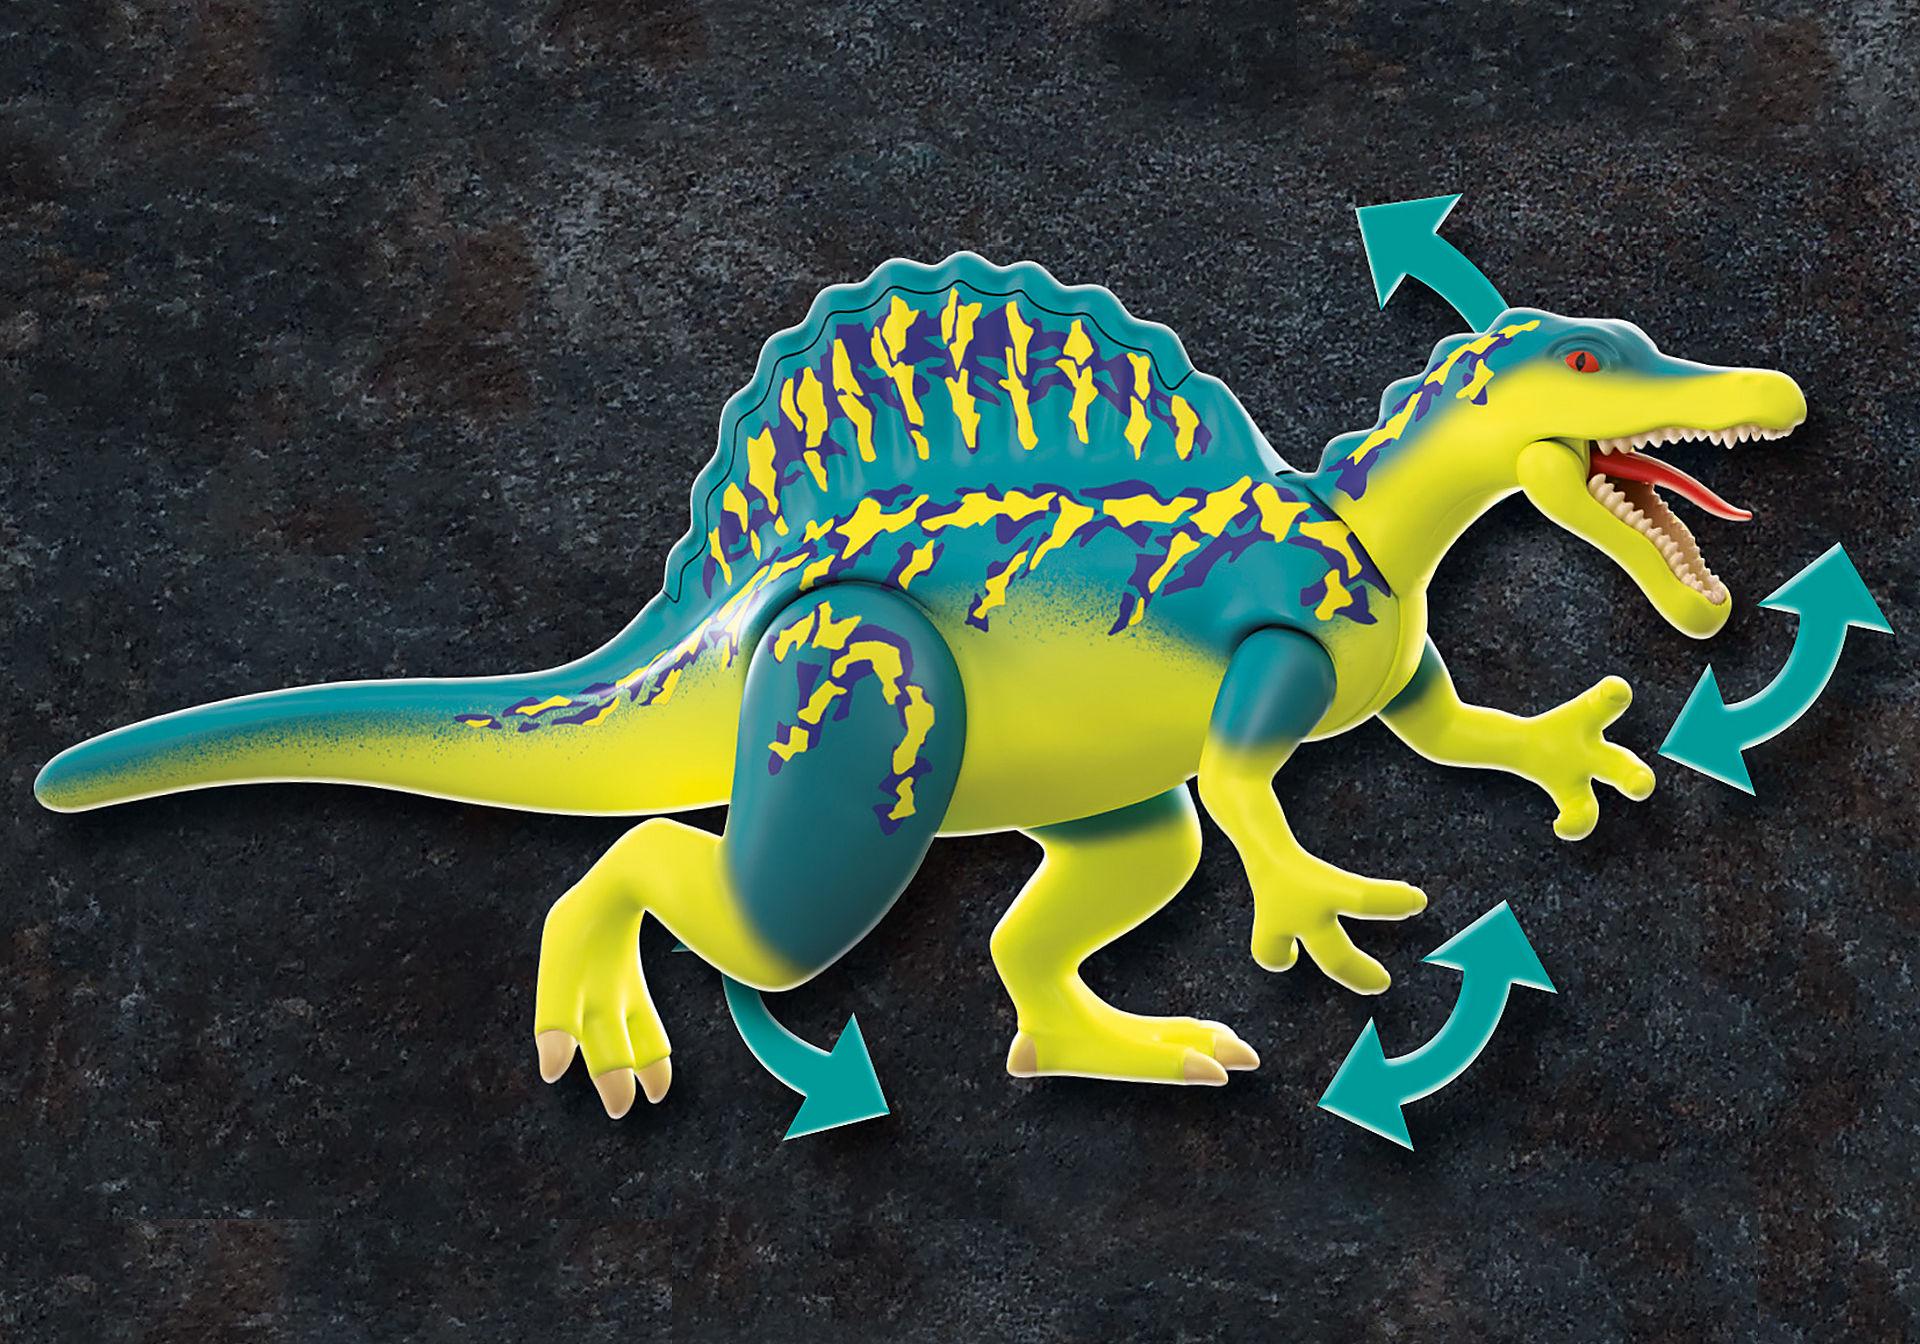 70625 Спинозавр: Двойная защитная сила zoom image4